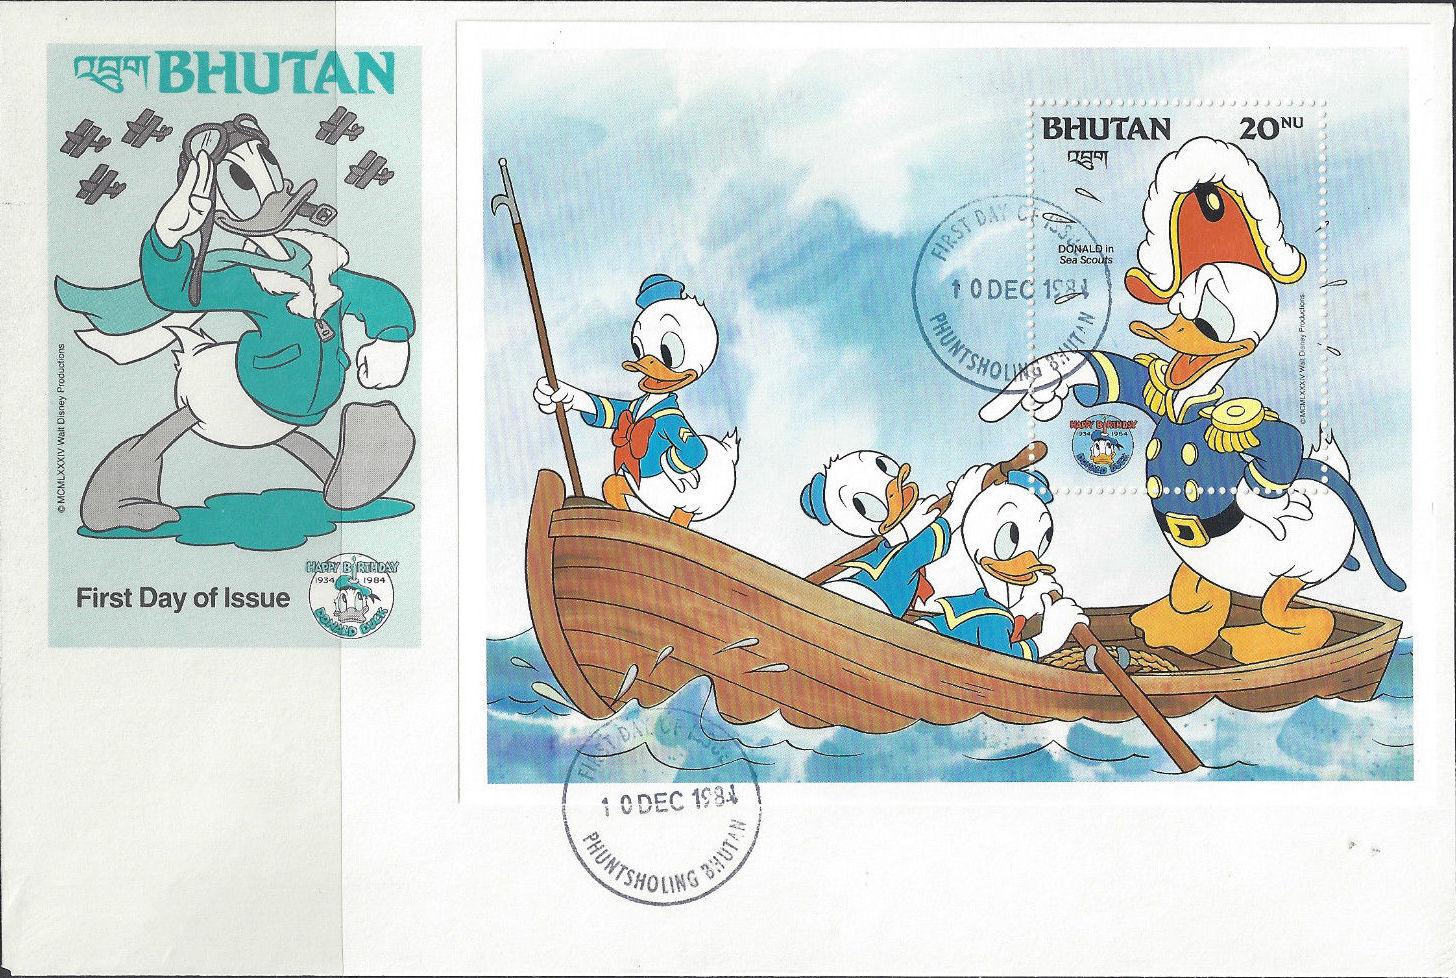 Bhutan 1984 50th Anniversary of Donald Duck m.jpg